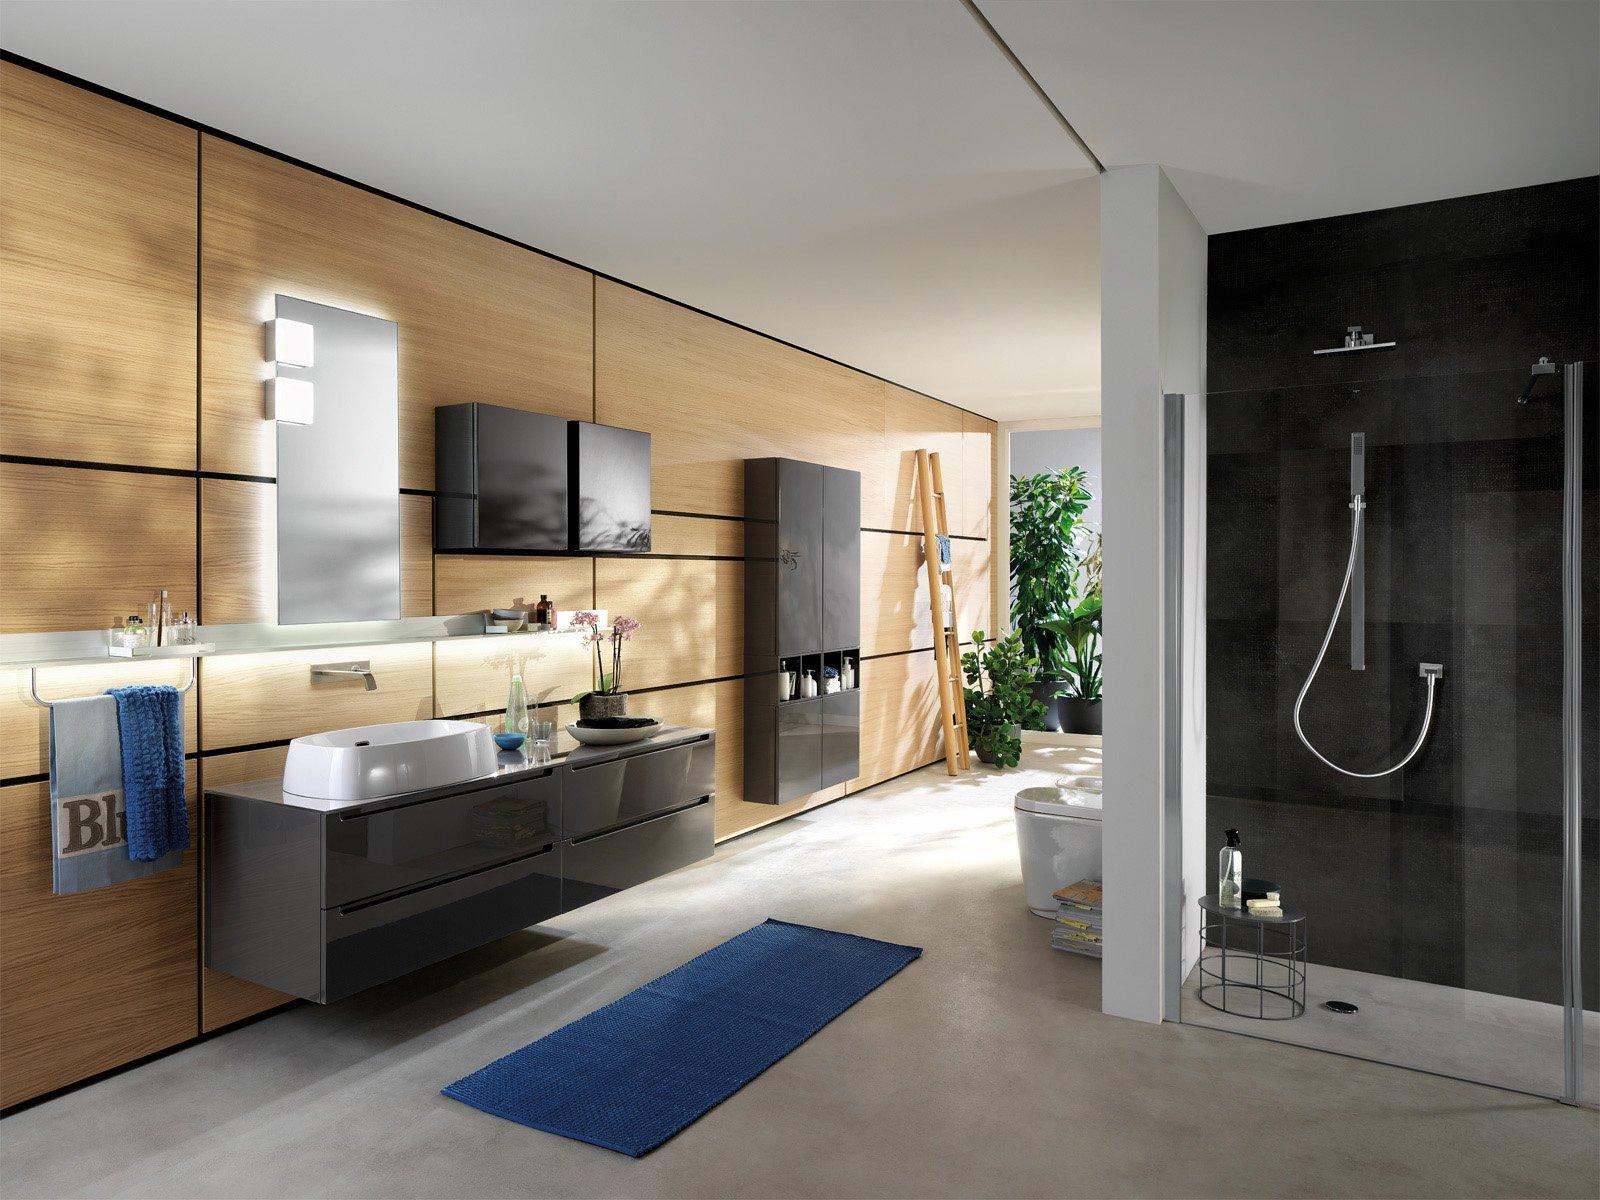 Bagno come attrezzarlo per il tuo benessere cose di casa for Piani di casa sotto 100k da costruire